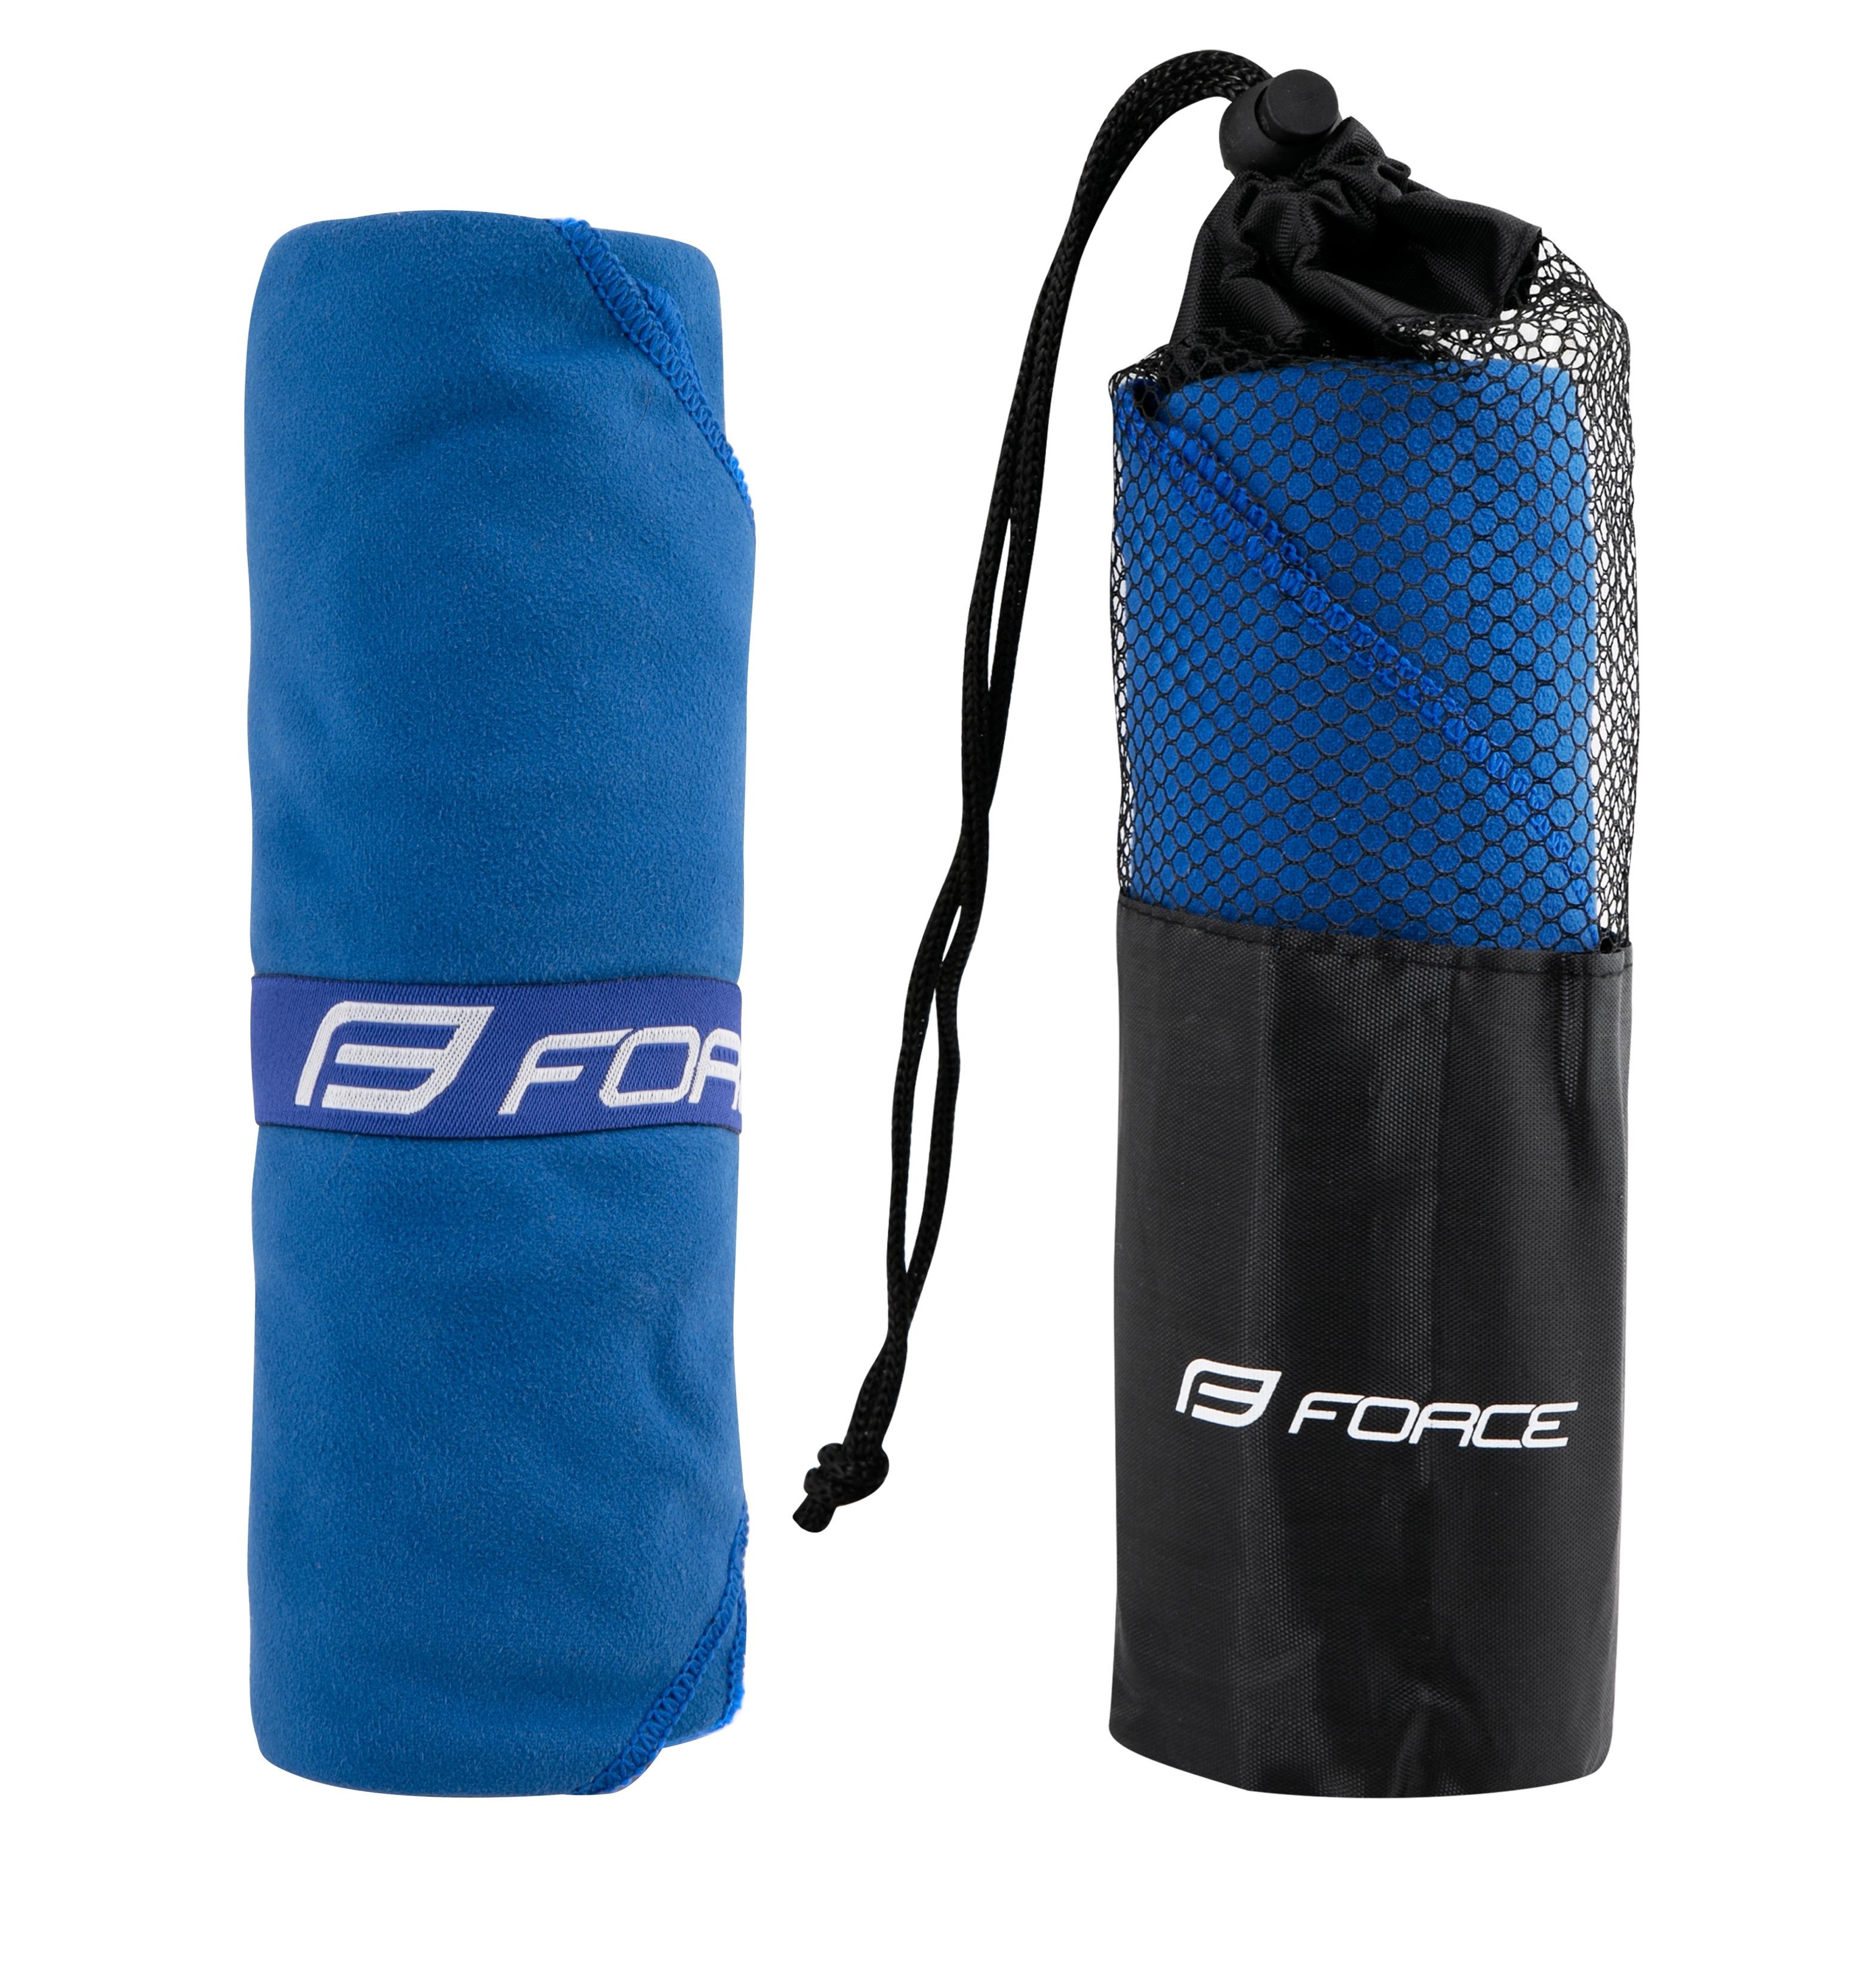 ručník FORCE cestovní 60X120cm, modrý